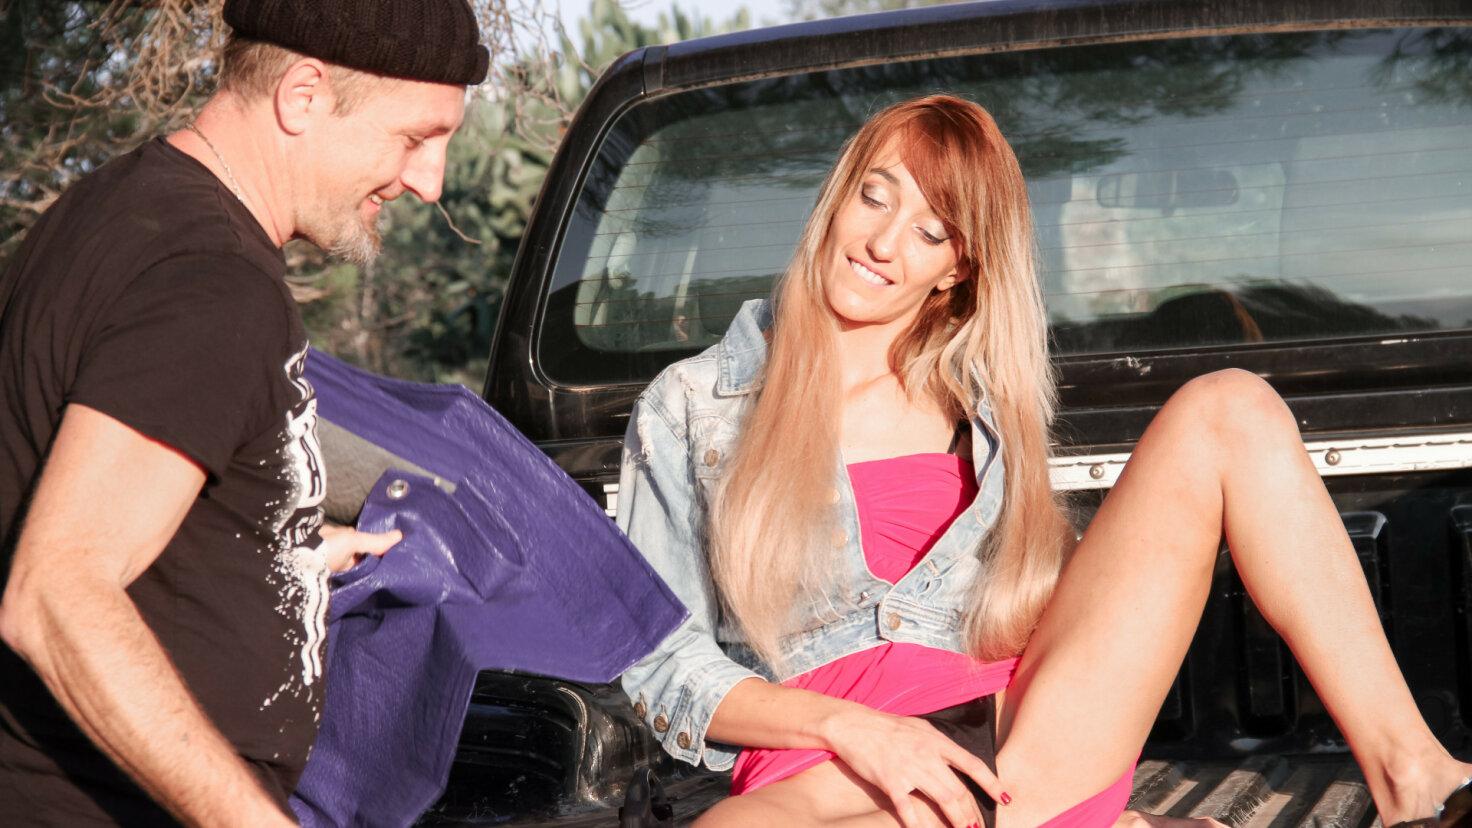 Geile französische Amateurin lässt sich draußen vor ihrem Wagen anal ficken